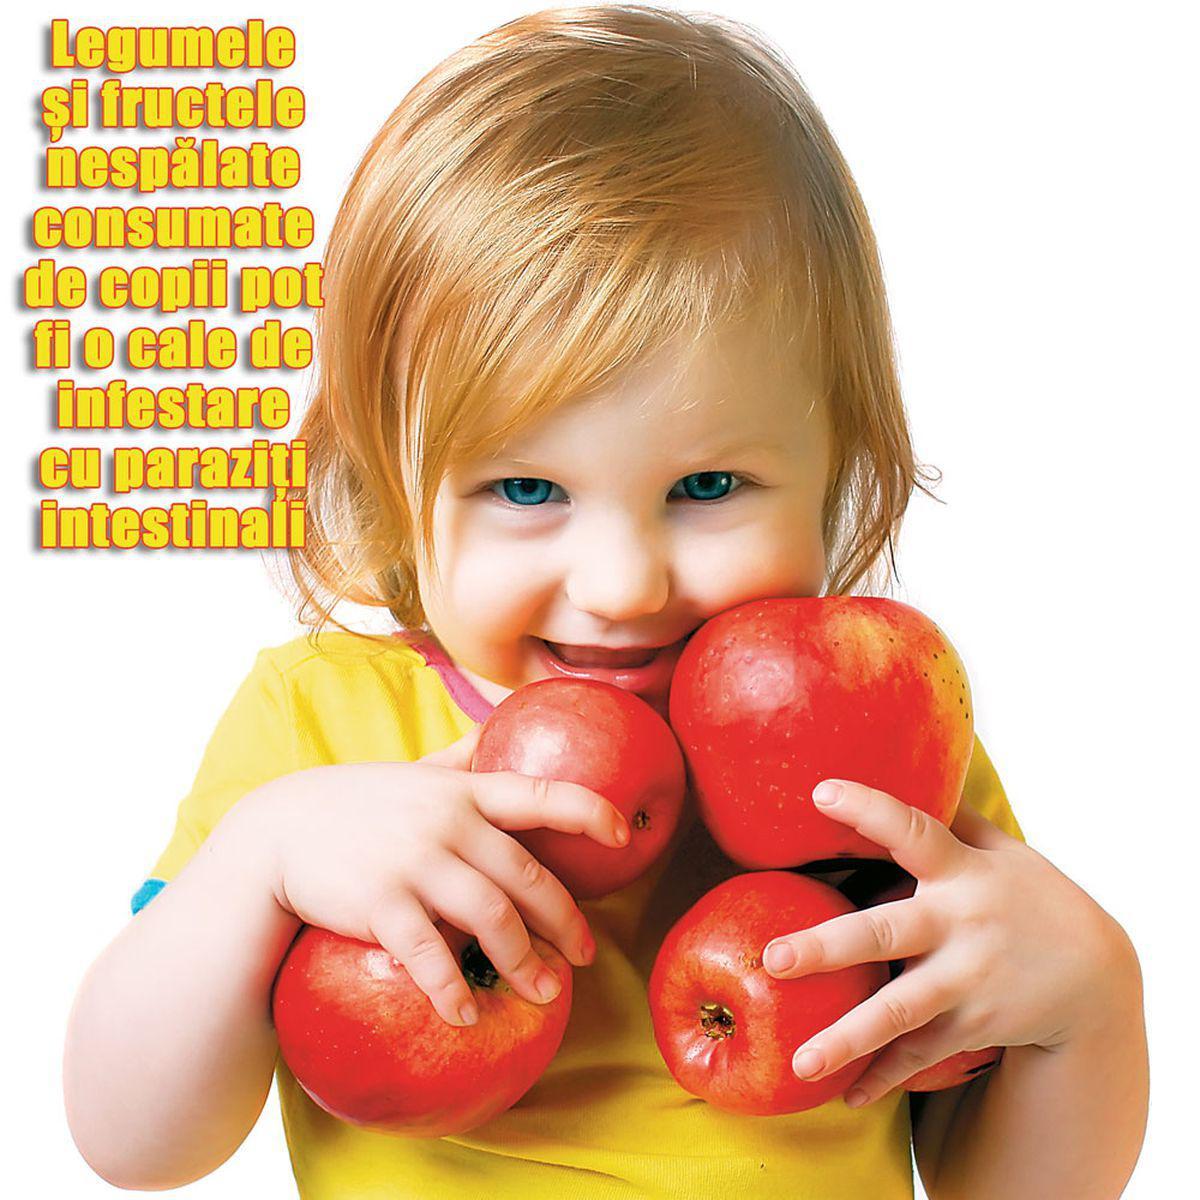 parazi i la copii program de detoxifiere acasa